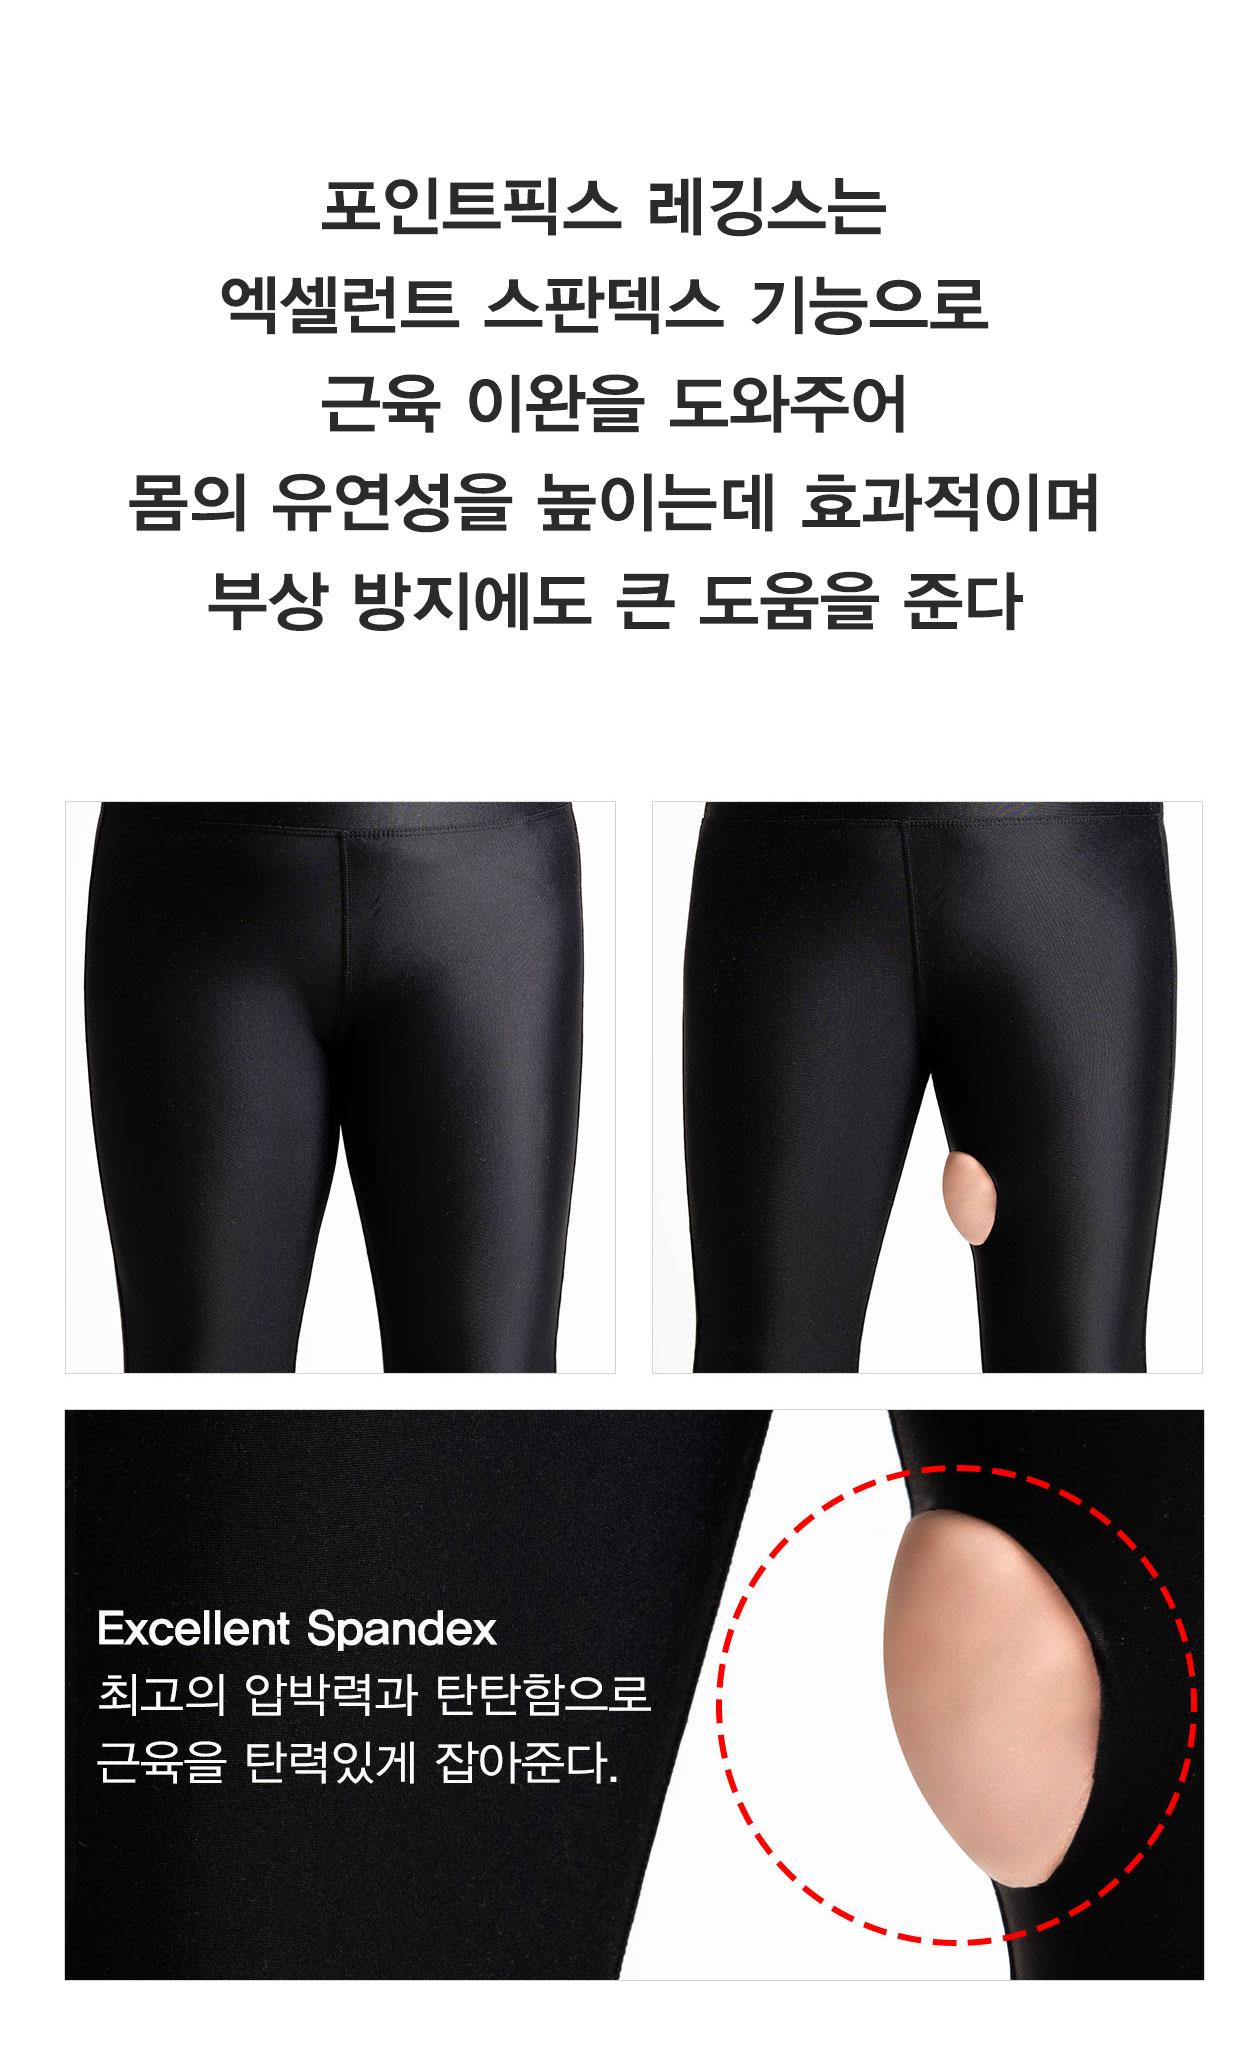 포인트픽스 레깅스는 엑셀런트 스판덱스 기능으로 근육 이완을 도와주어 몸의 유연성을 높이는데 효과적이며 부상 방지에도 큰 도움을 준다. 최고의 압박력과 탄탄함으로 근육을 탄력있게 잡아준다.